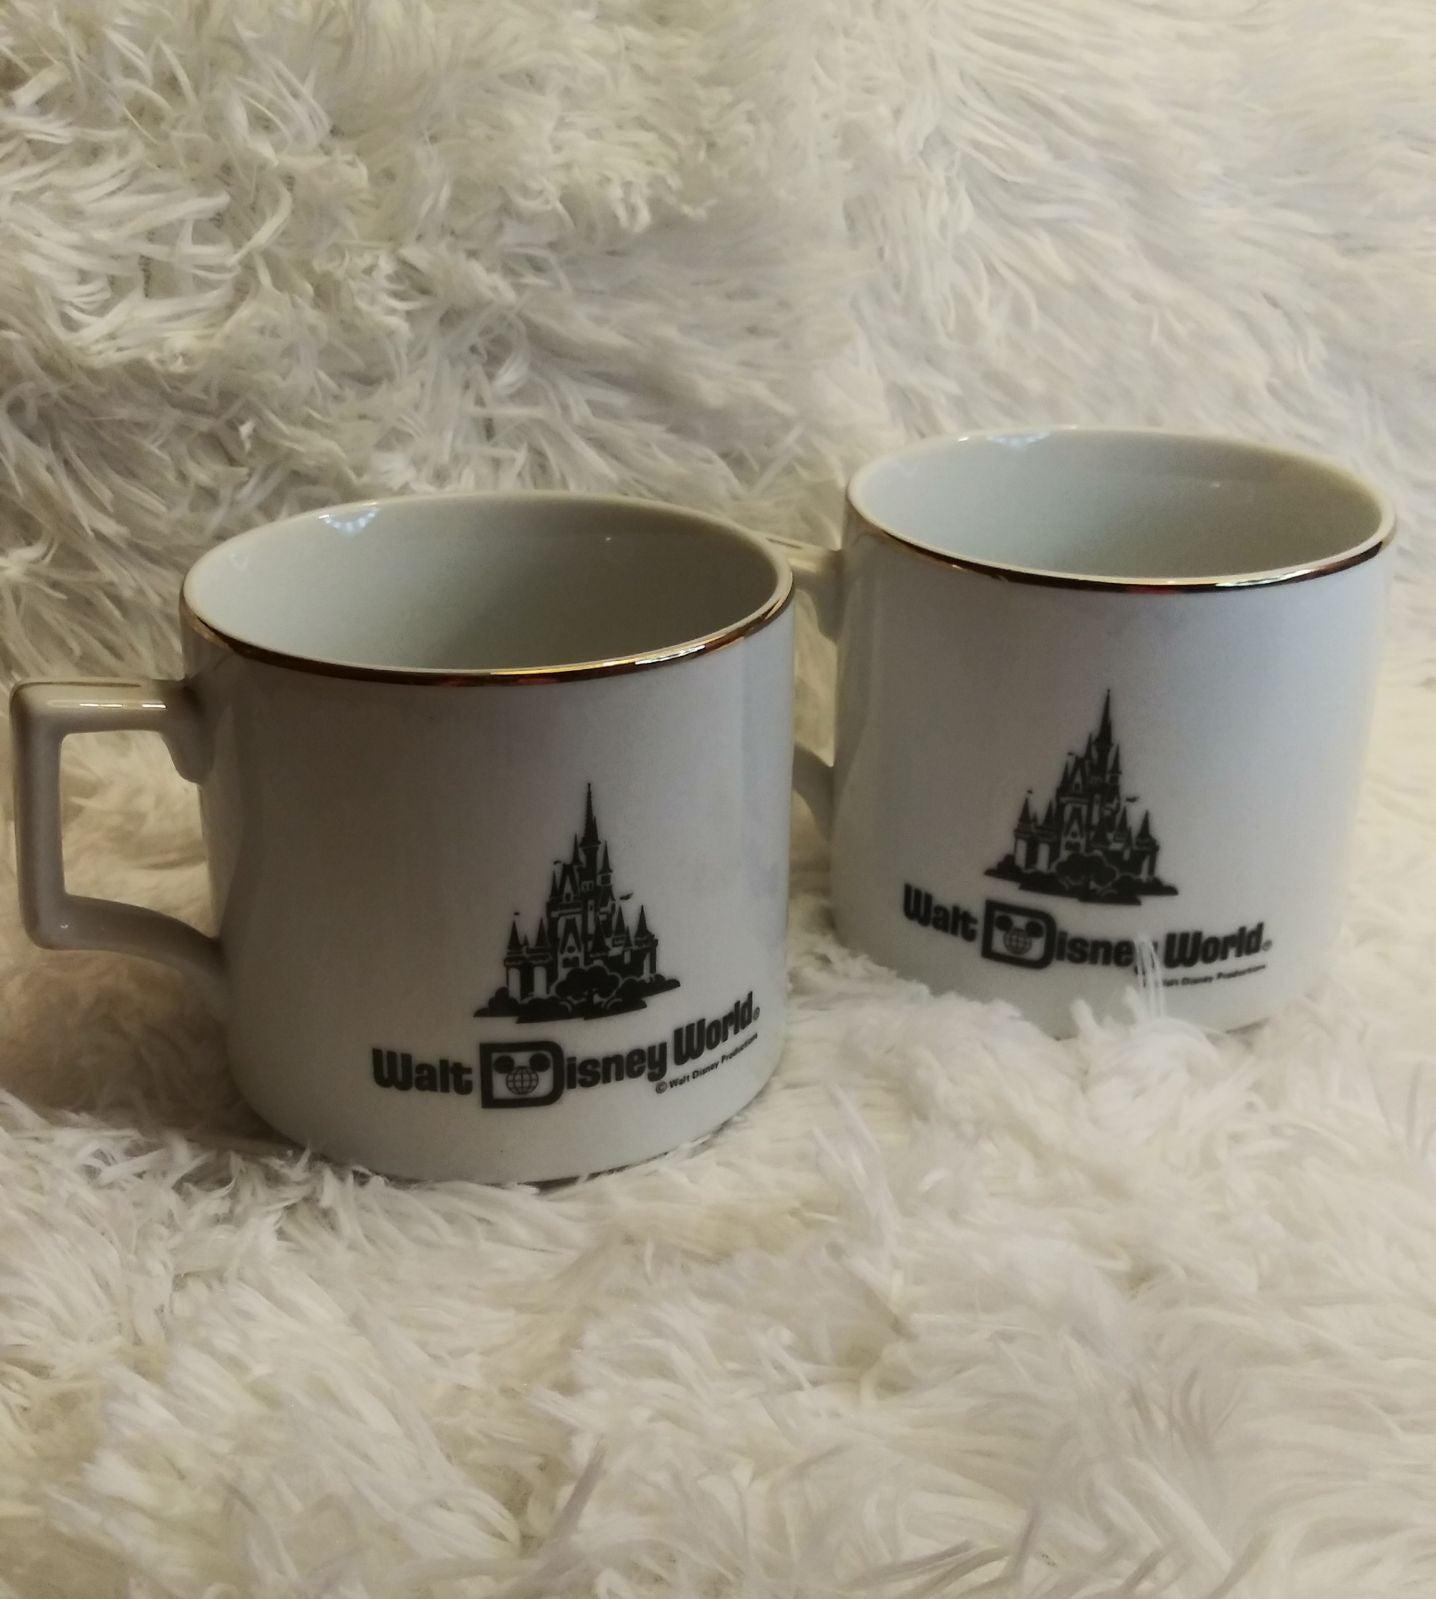 Walt Disney World Gold Trim coffee cup